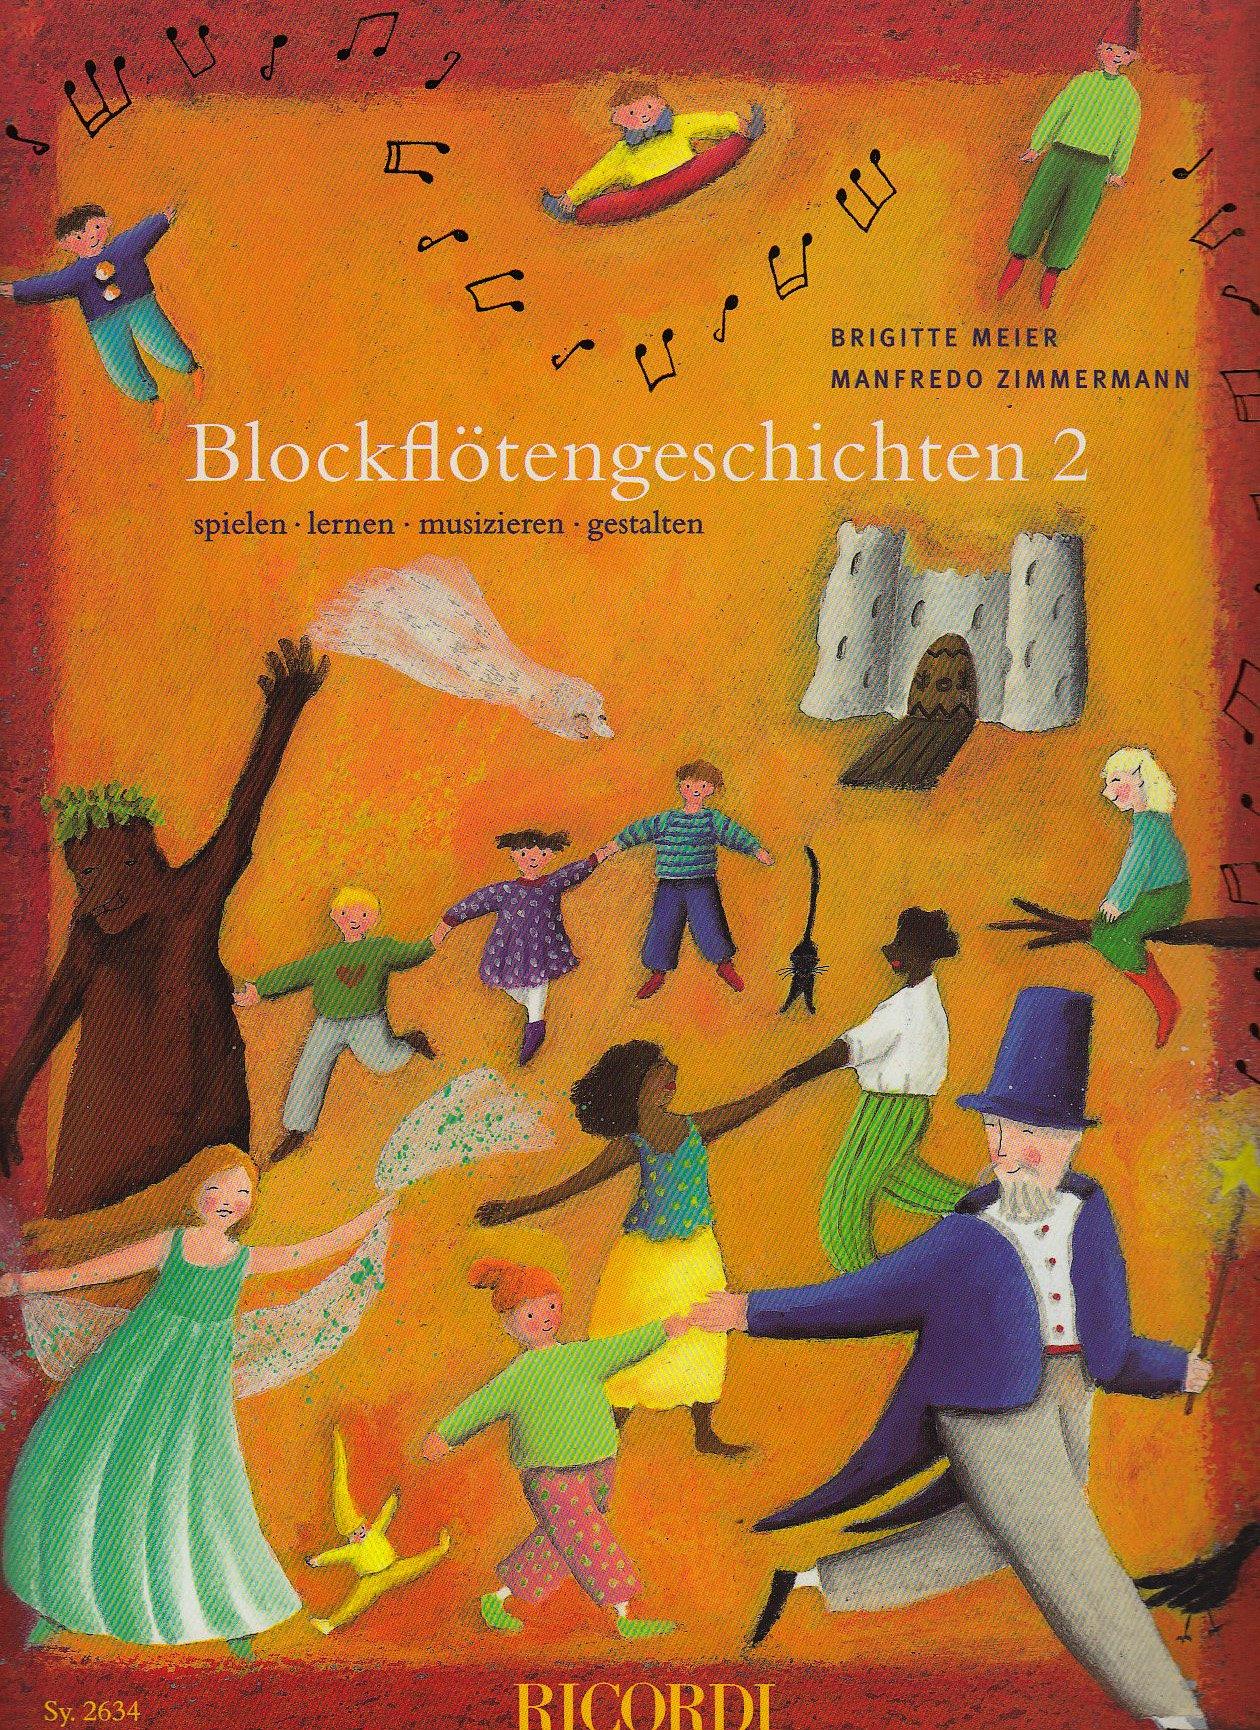 Blockflötengeschichten 2: Spielen - lernen - musizieren - gestalten